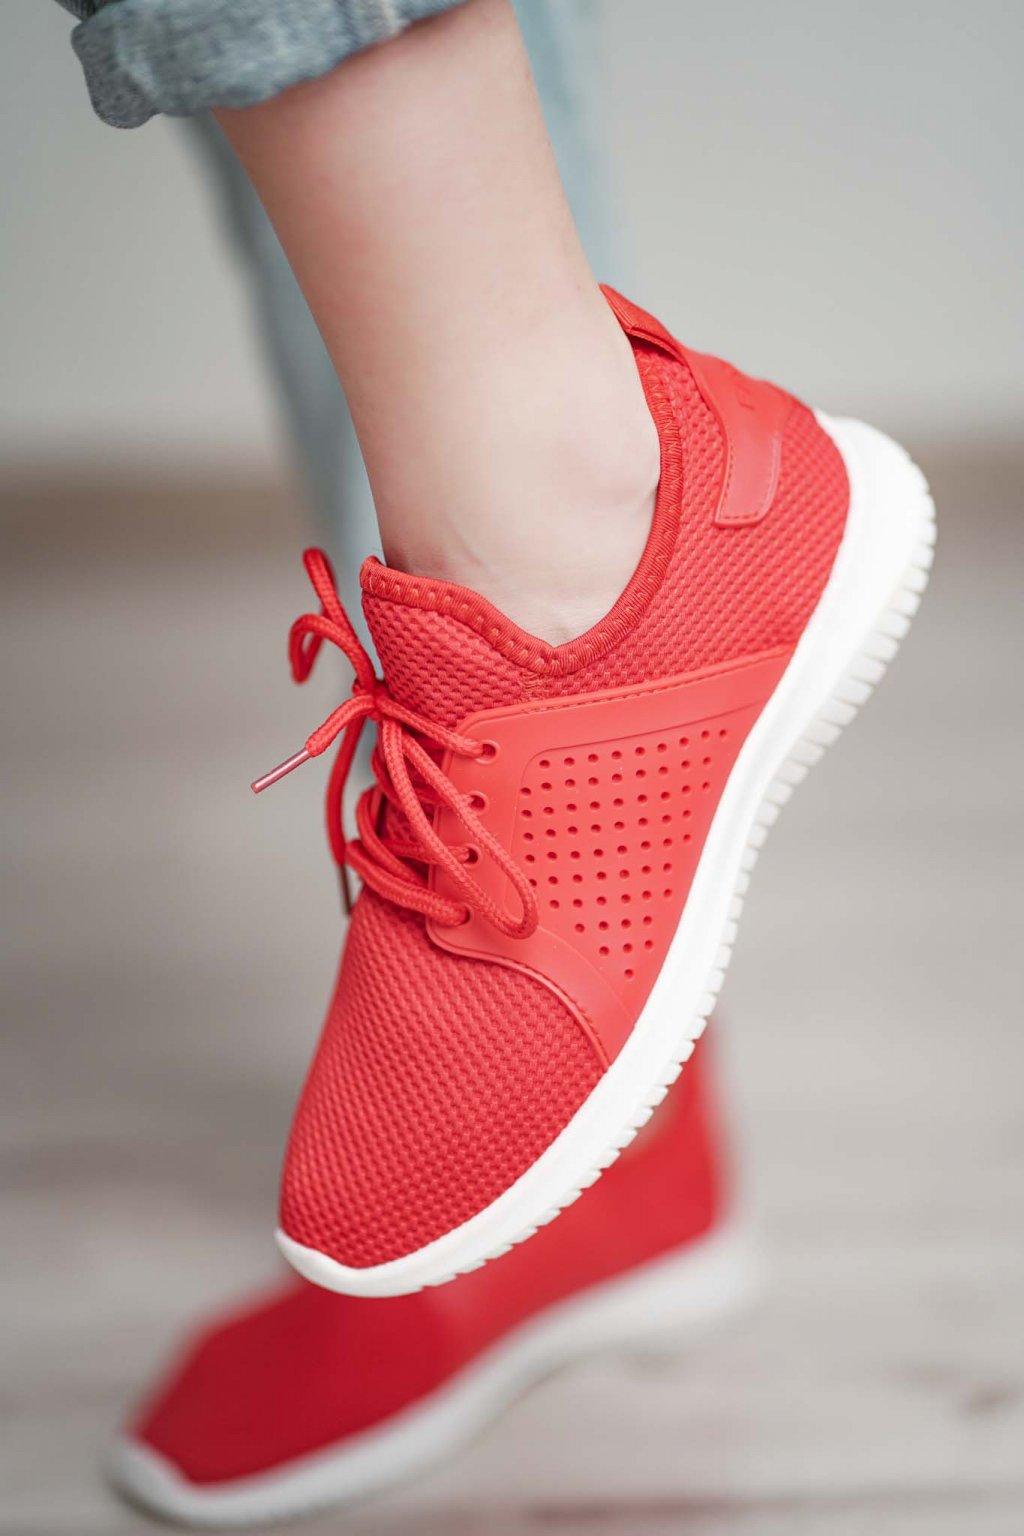 topánky, obuv, tenisky, botasky, lodičky, čižmy, šľapky, sandálky 424